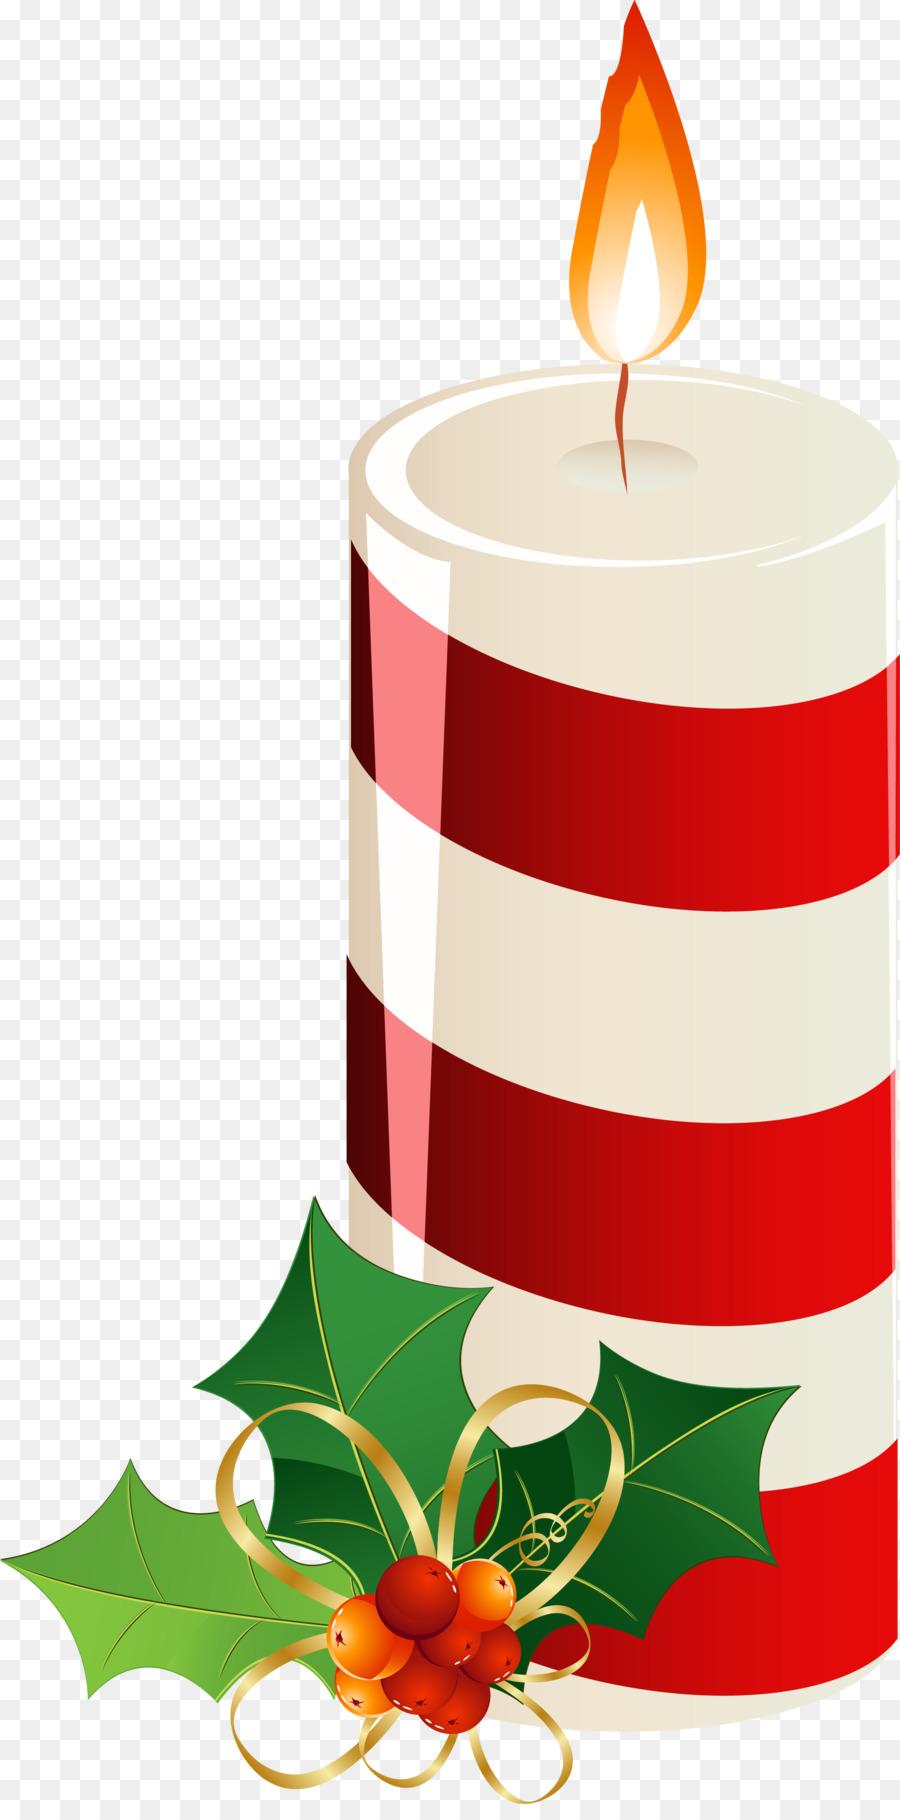 Descarga gratuita de Decoración De La Navidad, La Navidad, Adorno De Navidad Imágen de Png